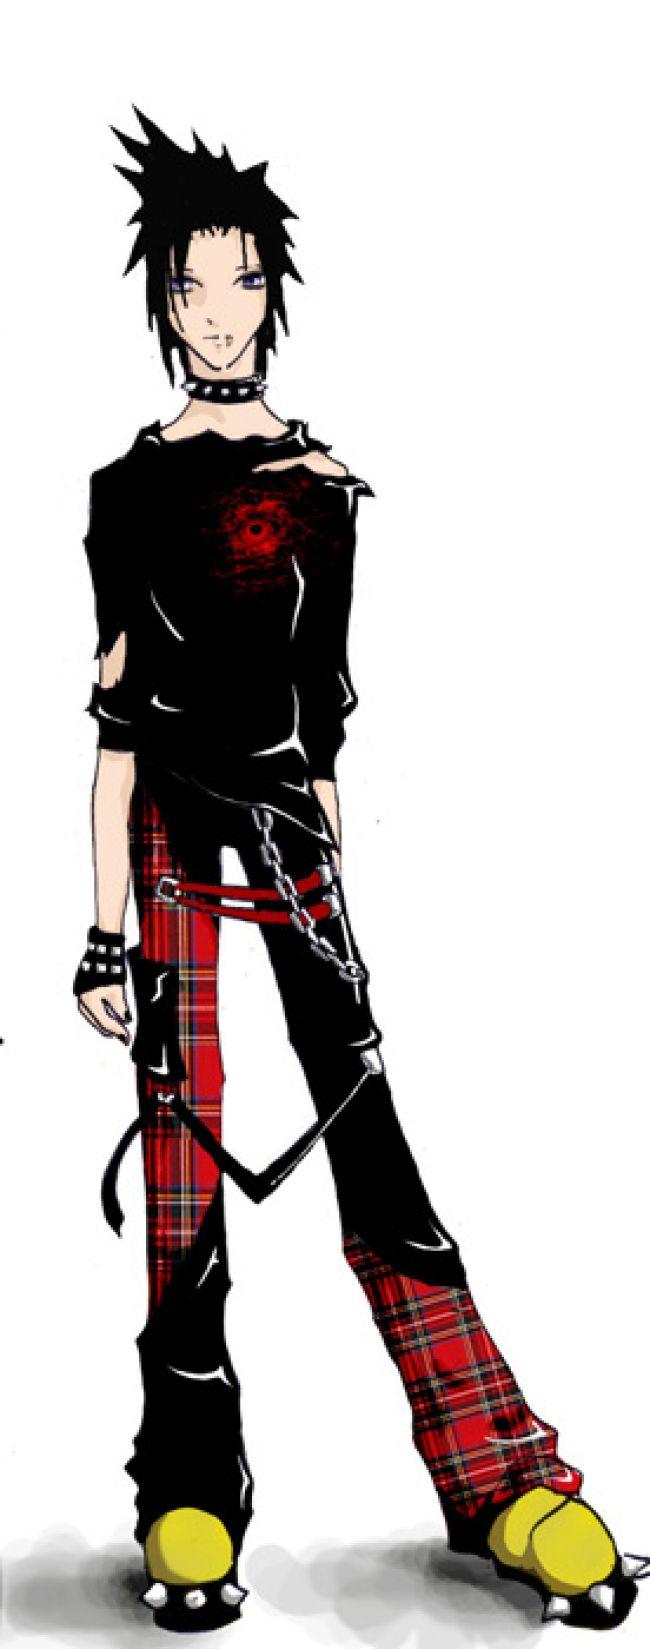 punk guy